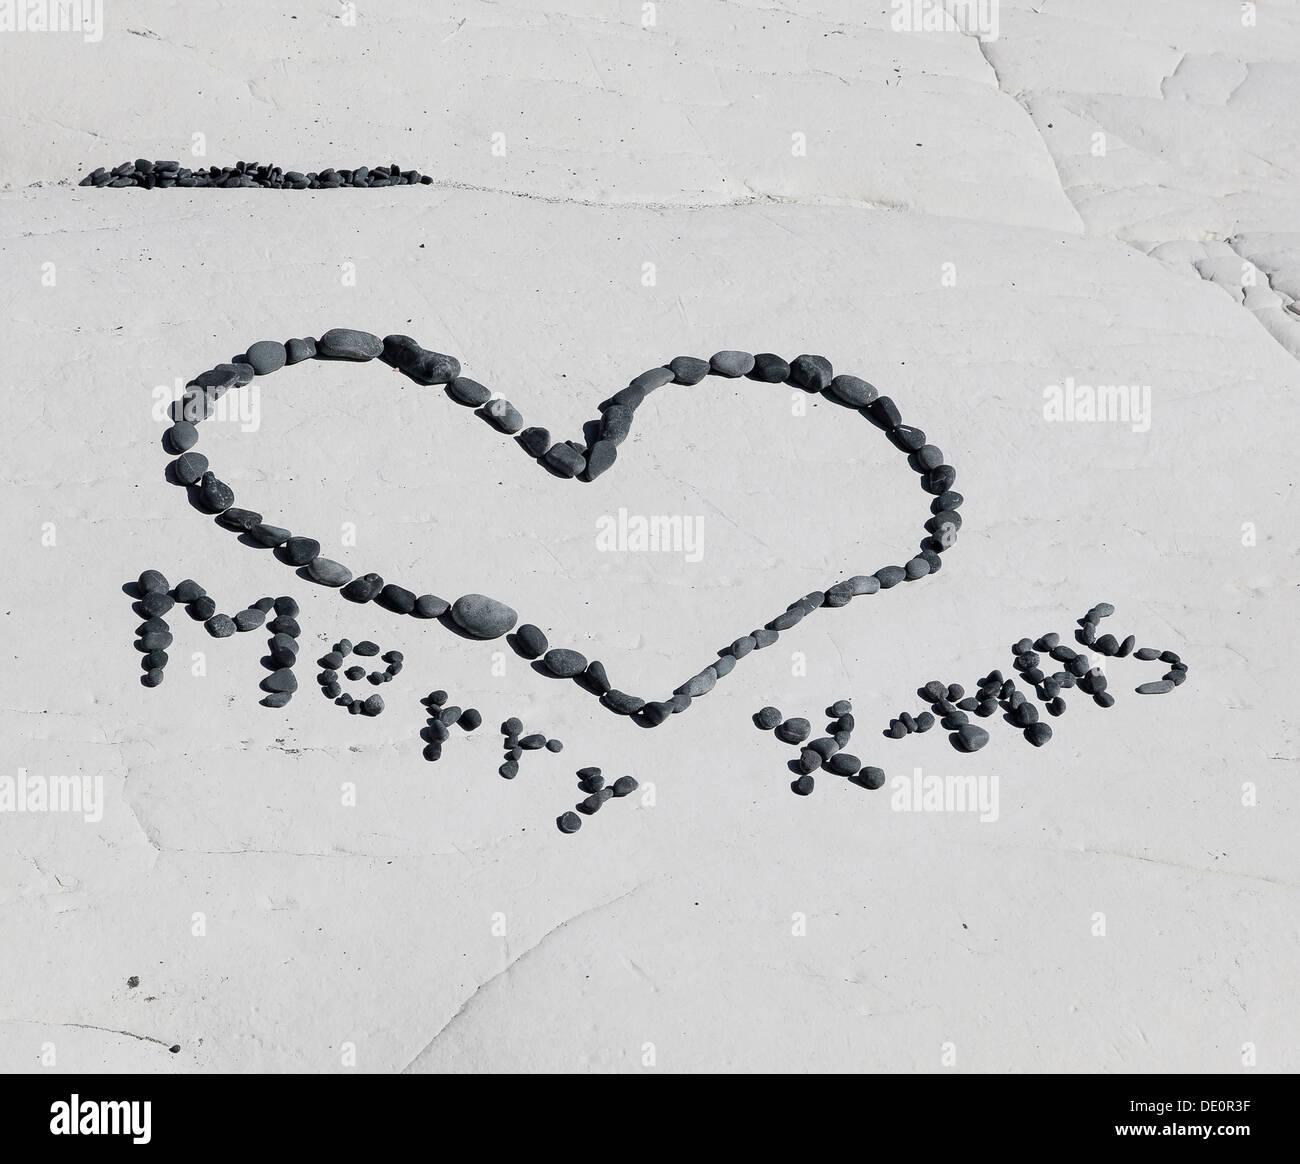 Merry X-Mas, hecha de piedras colocadas sobre una roca Imagen De Stock